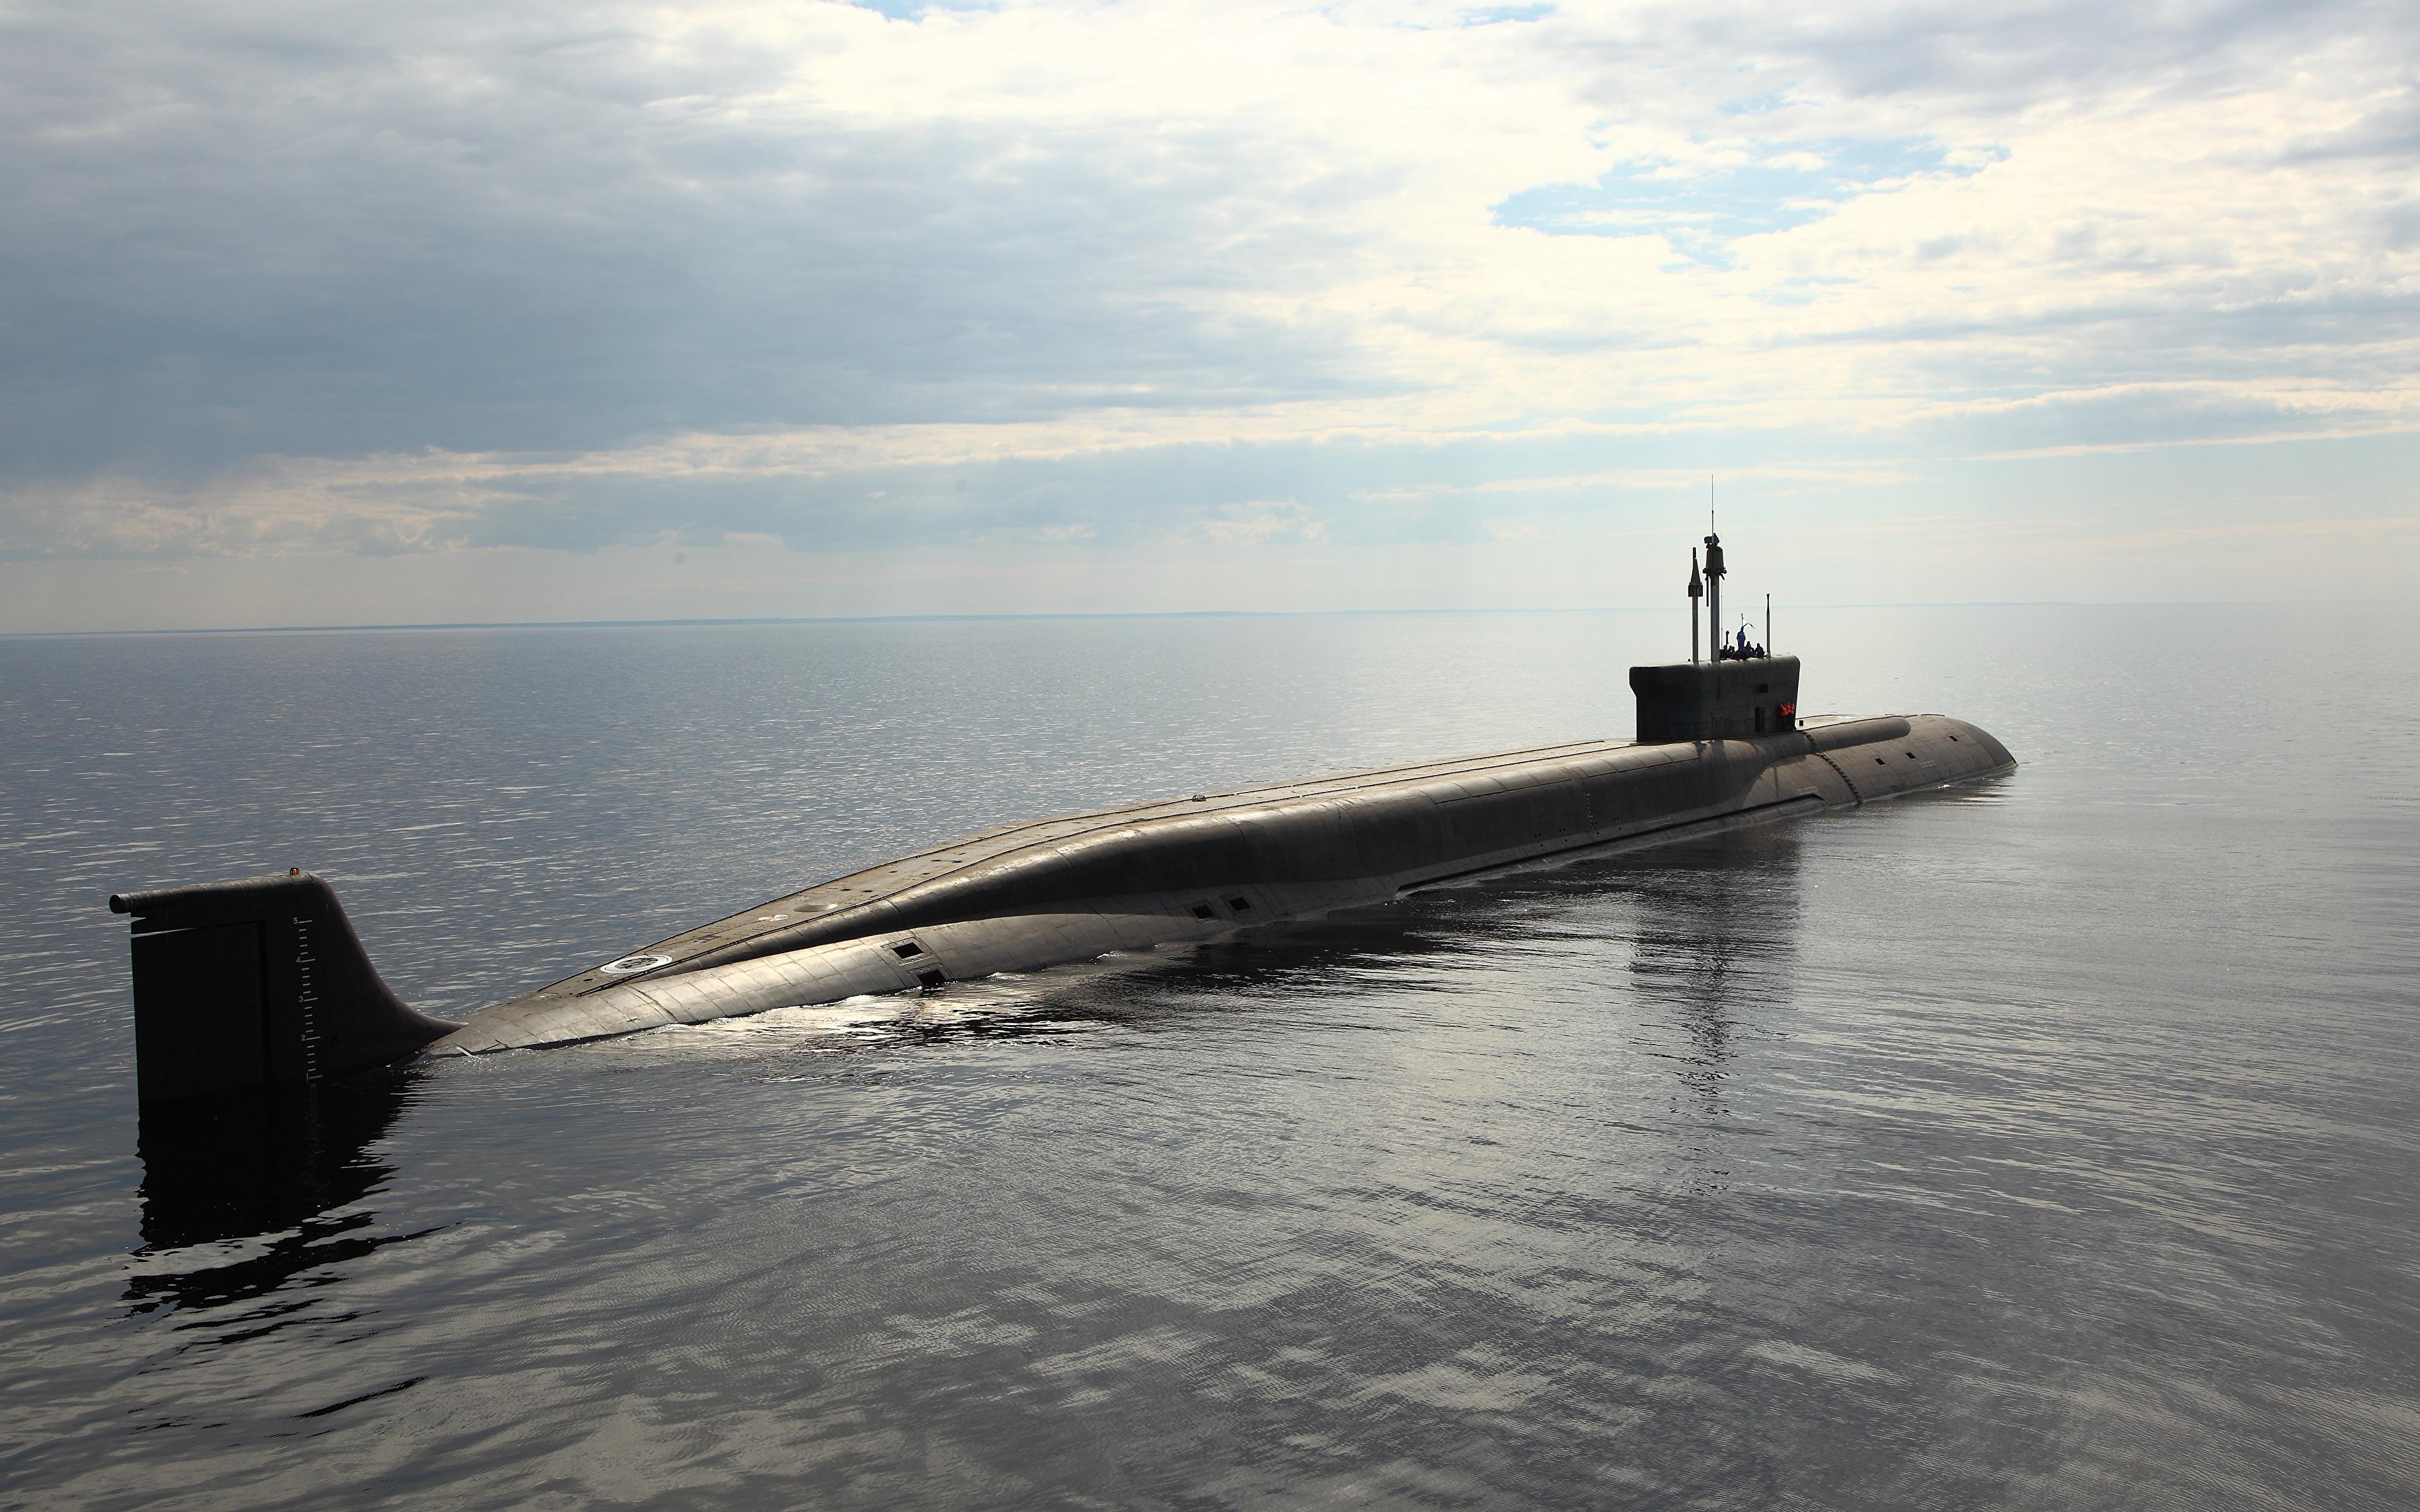 Фото Подводные лодки 955 Море военные 3840x2400 Армия